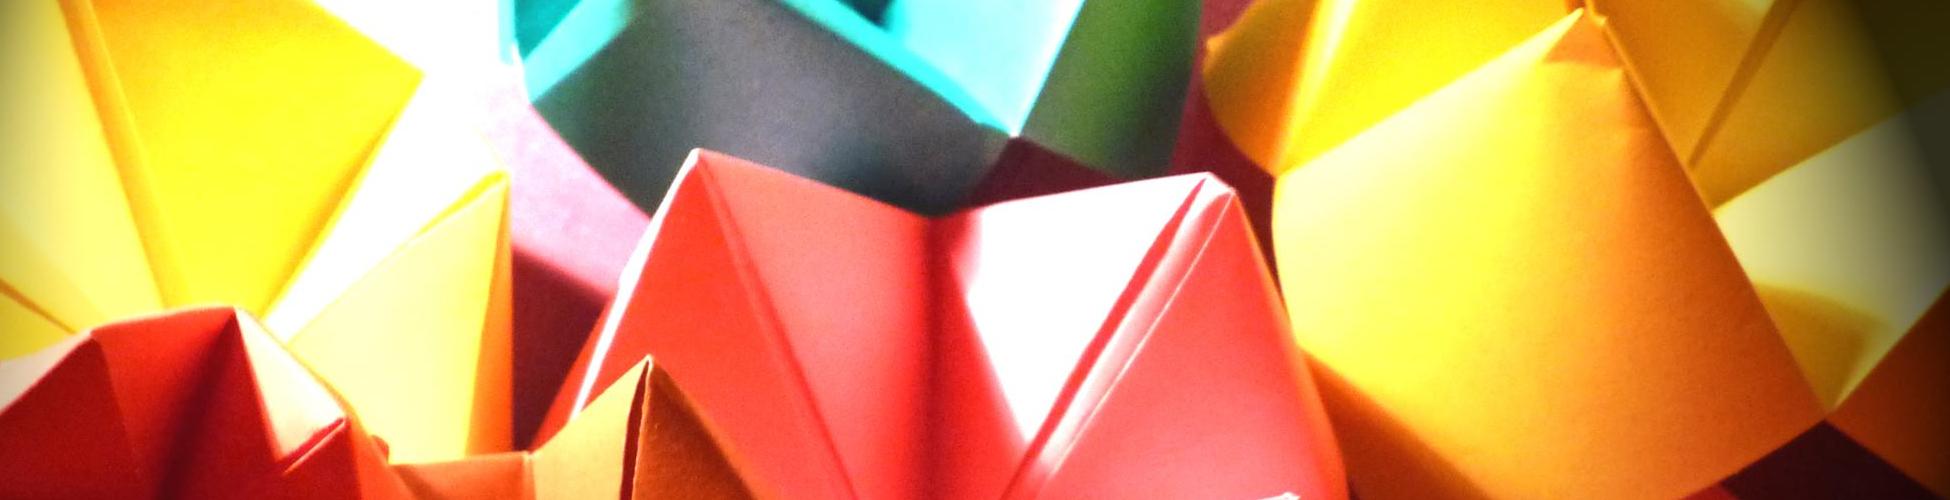 Cocotte Culturelle Brest - Origami - Actus